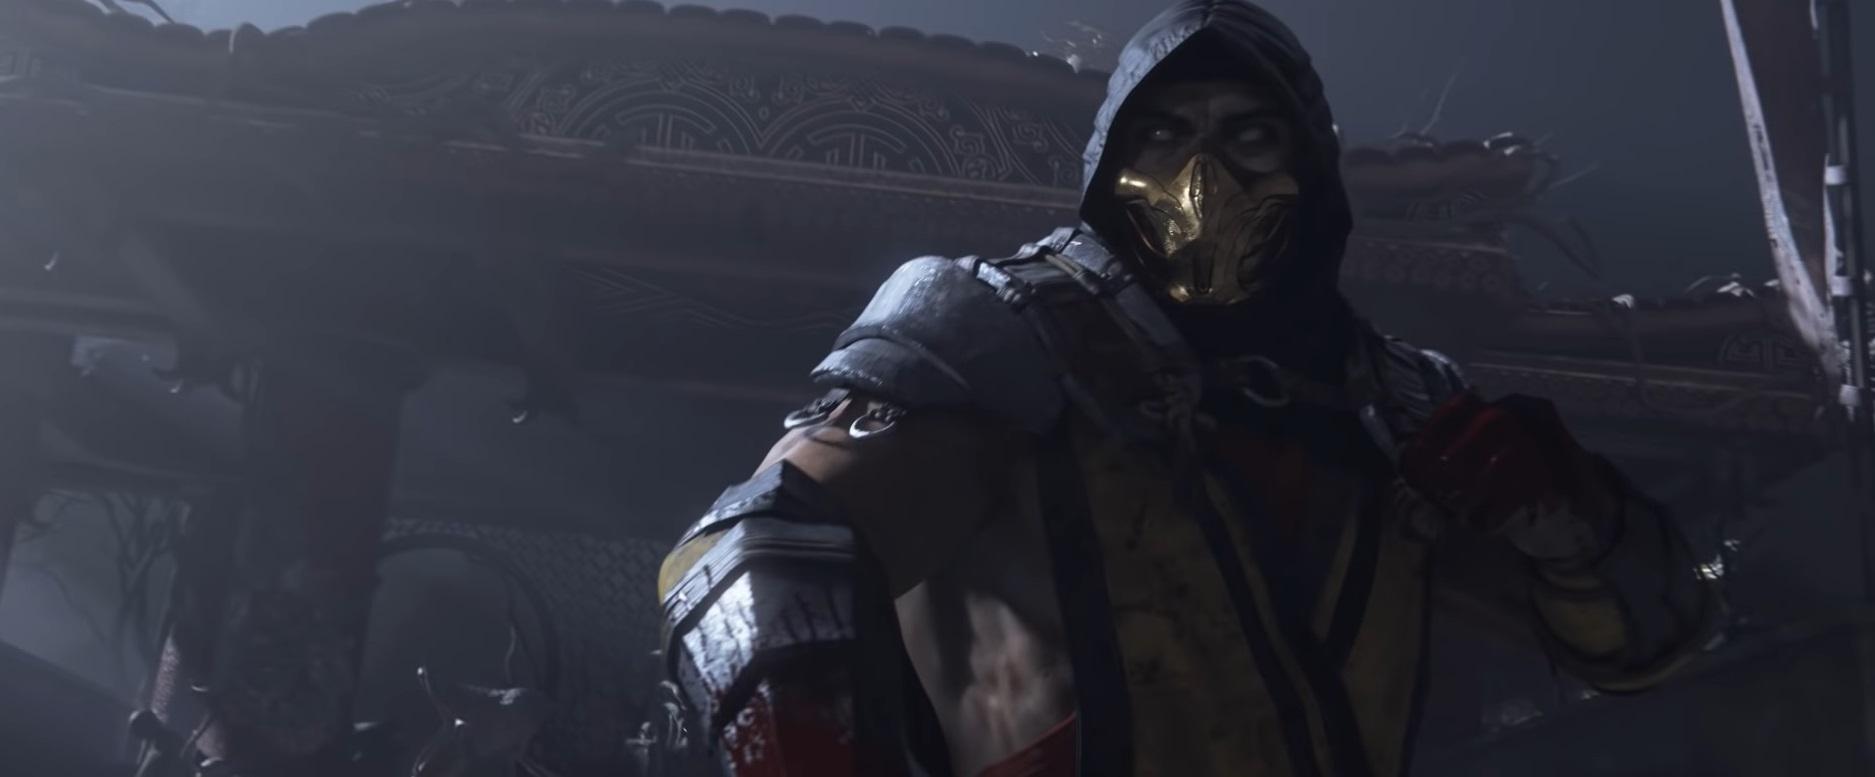 Bilder Zu Achievement Liste Zu Mortal Kombat 11 Zeigt